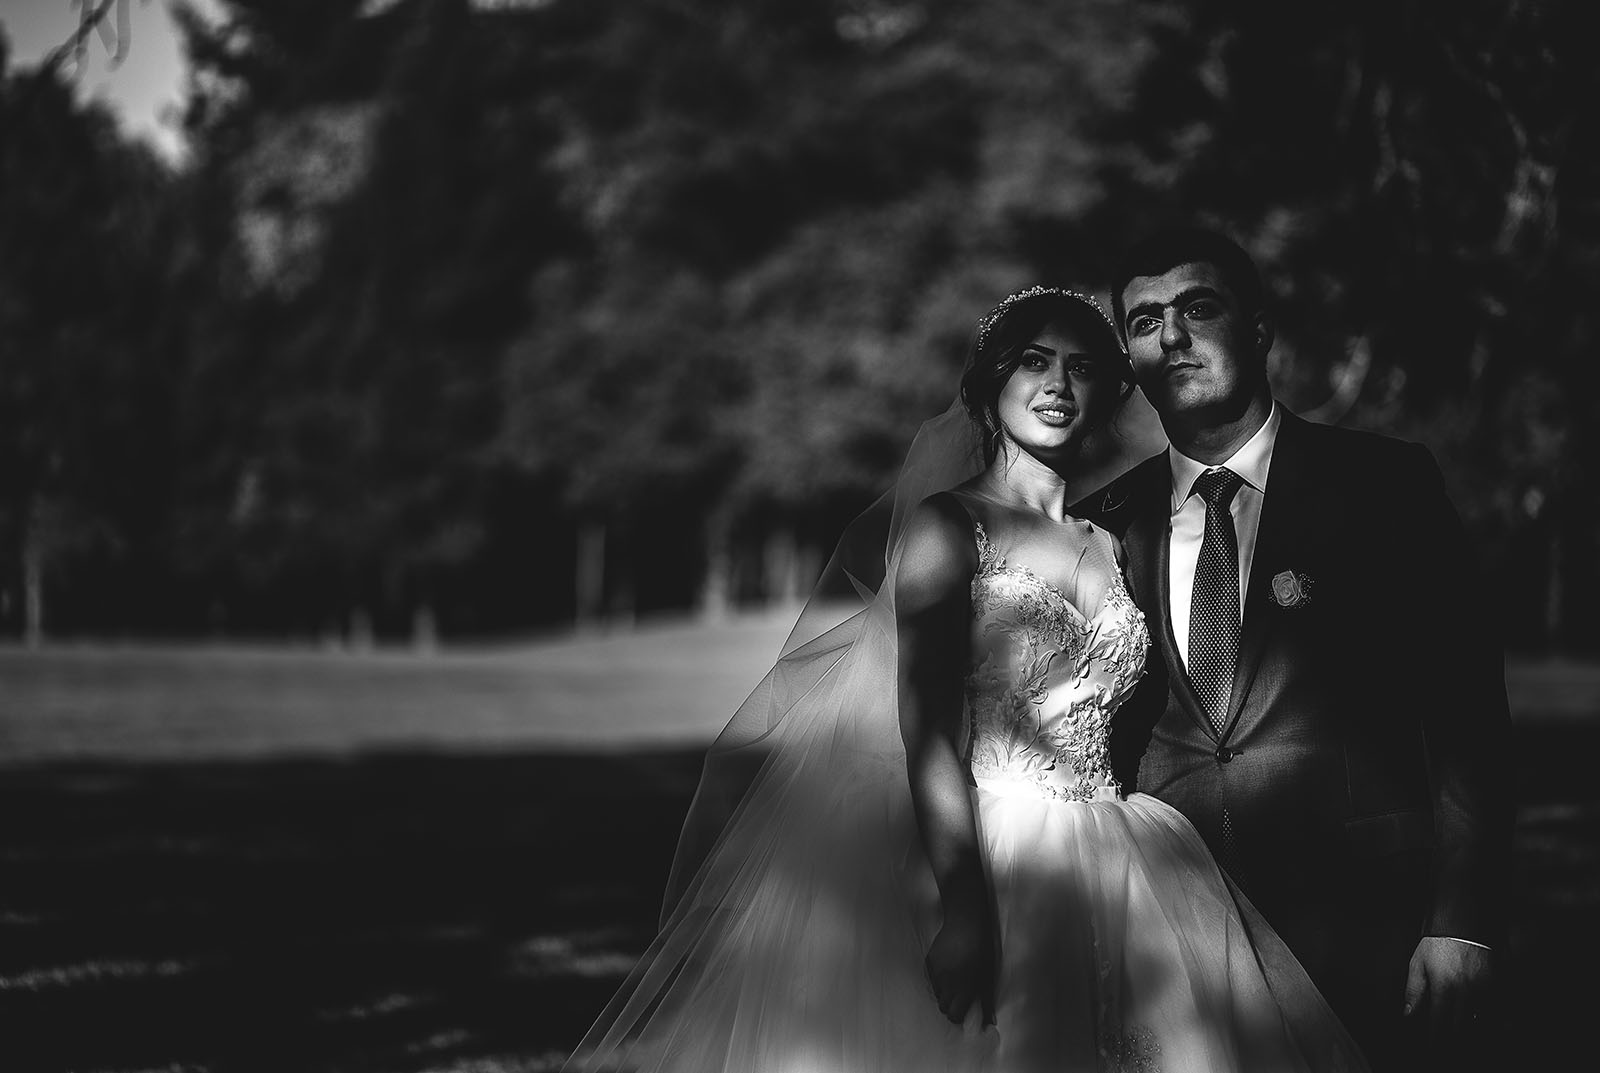 Mariage au Château de Beguin David Pommier photographe de mariage. Joli portrait de couple